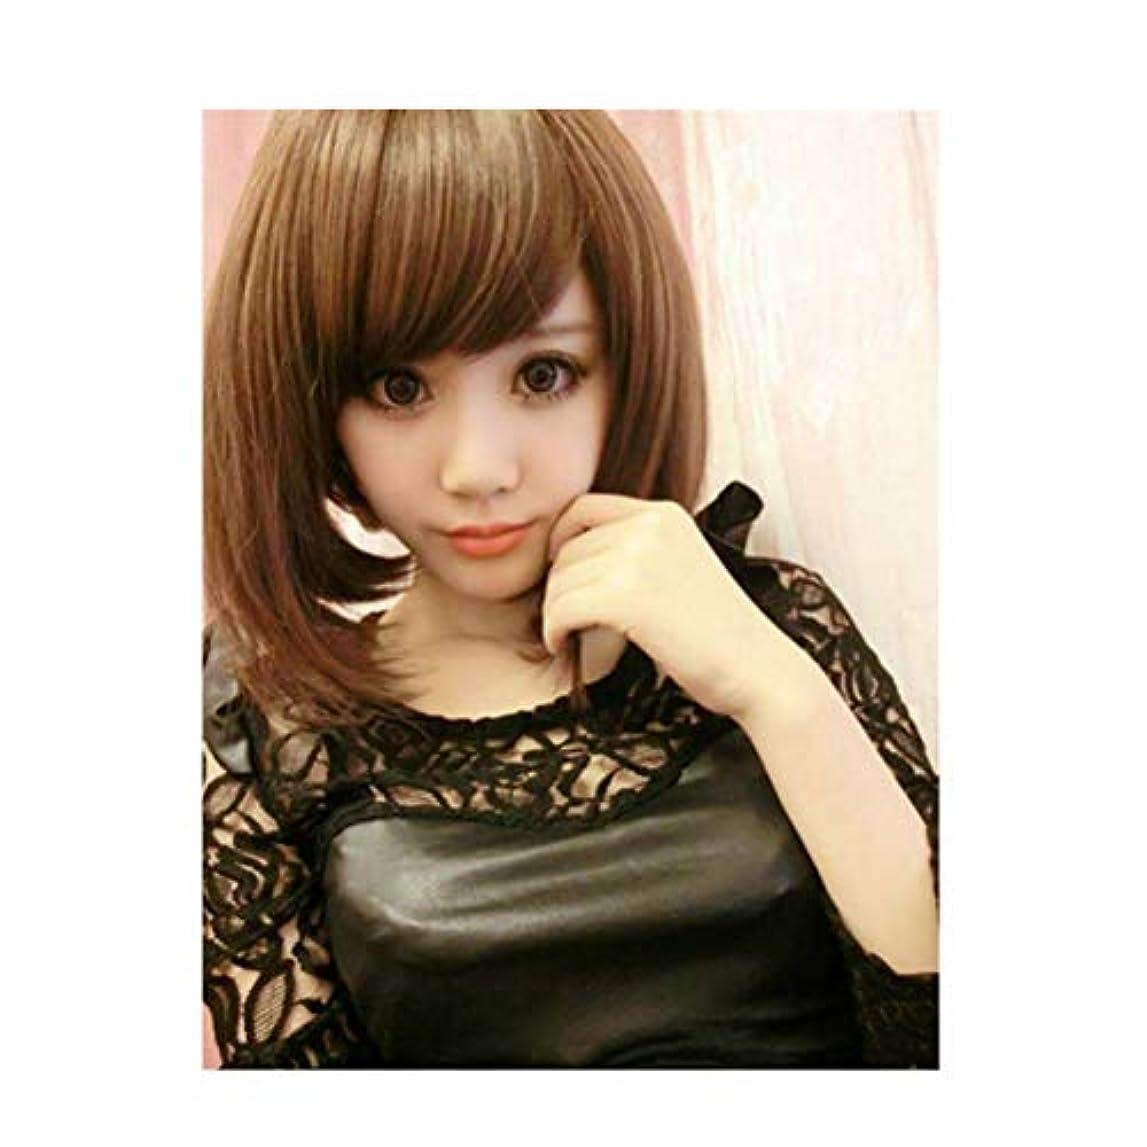 暫定の失う主要なかつら女性の茶色の斜め前髪化学繊維ショートヘア高温ワイヤーLH2201 (ライトブラウン)